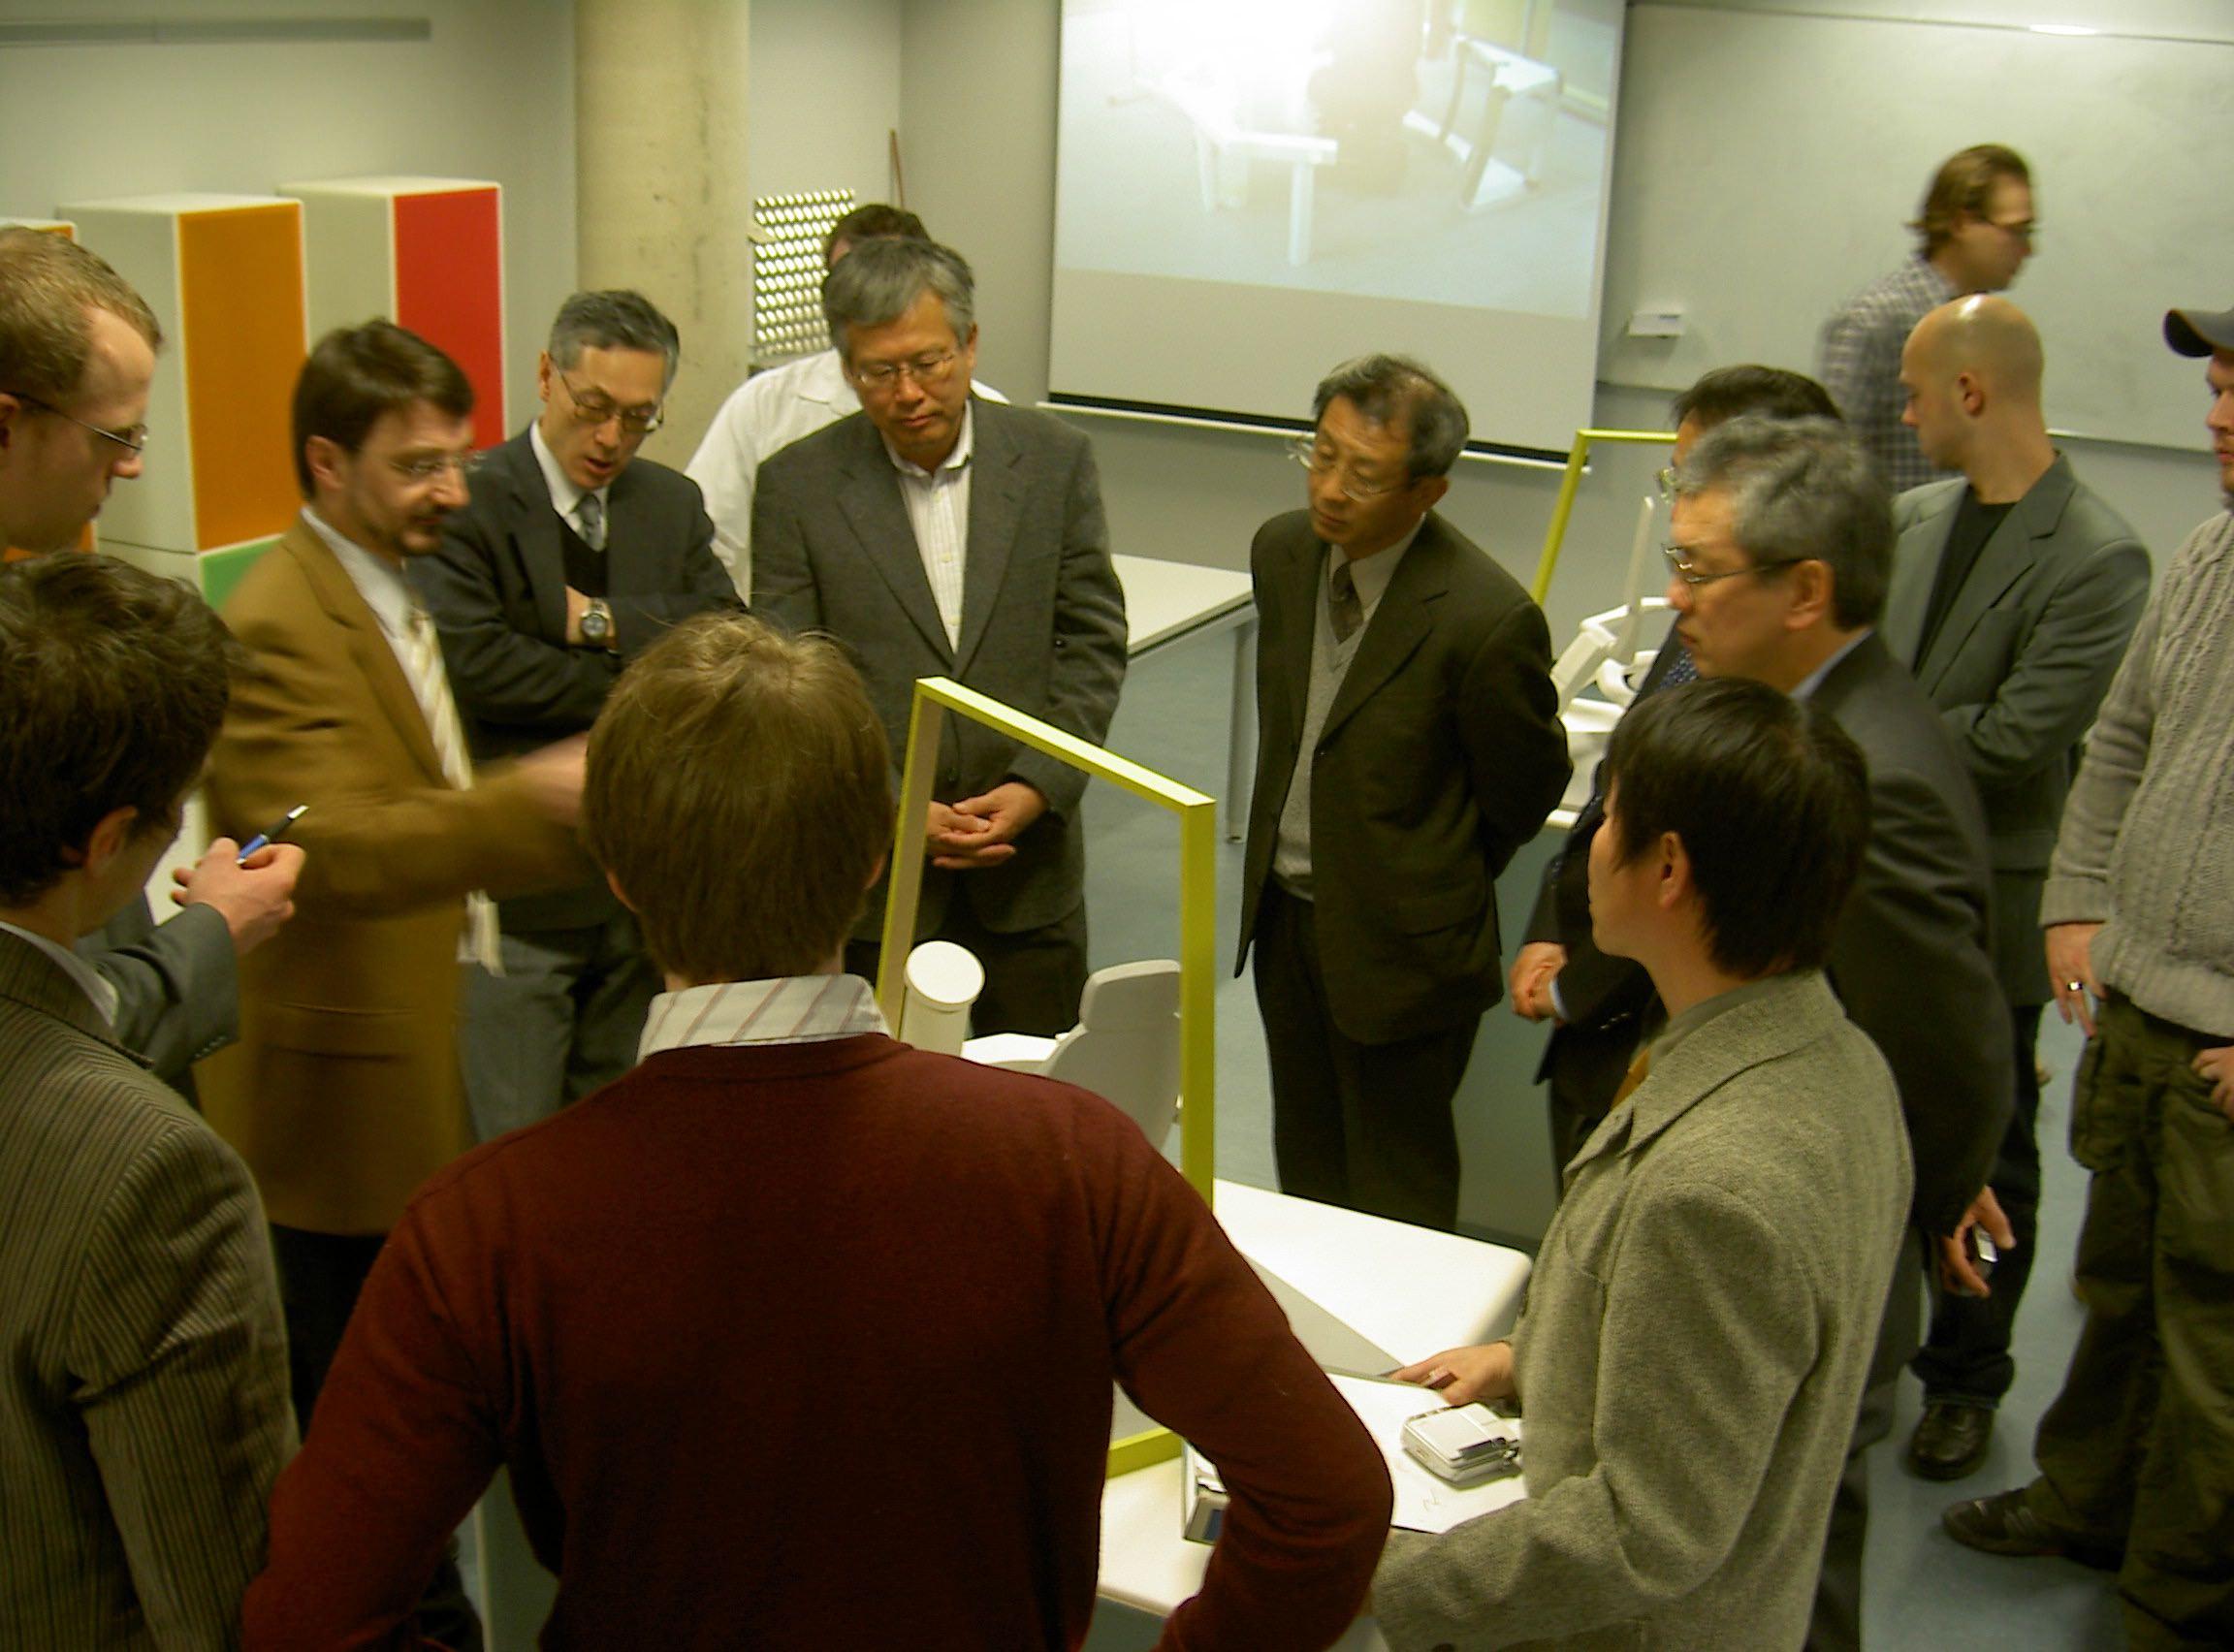 Forschung entwicklung produktdesign for Produktdesign hannover